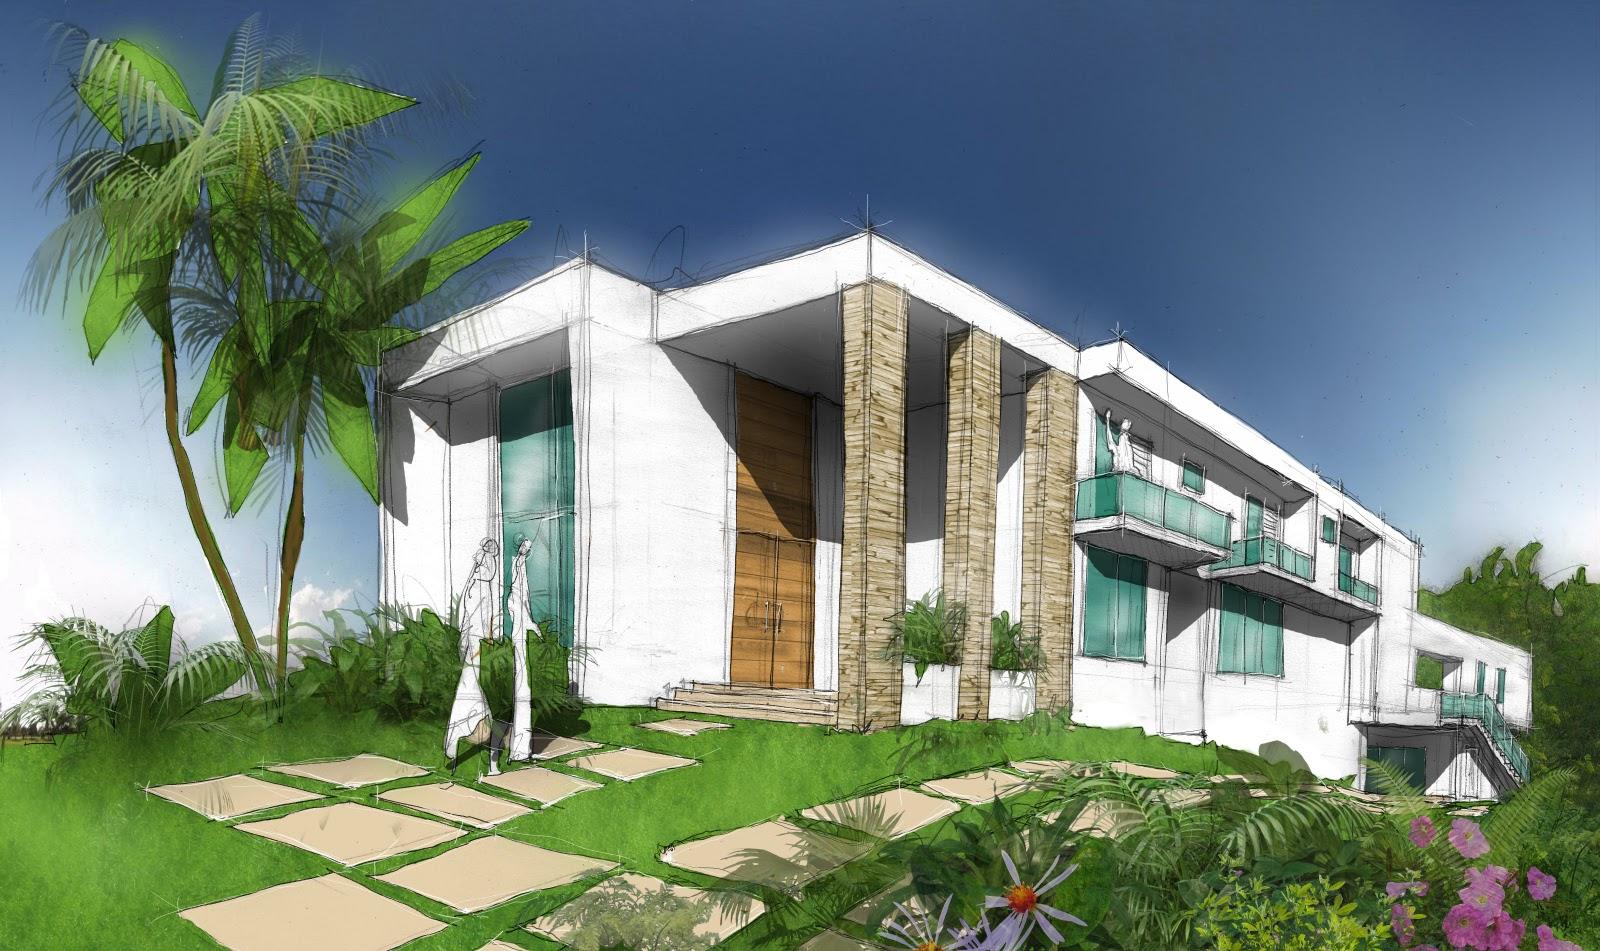 Fotos de fachadas de casas modernas e bonitas decorando - Casas unifamiliares modernas ...